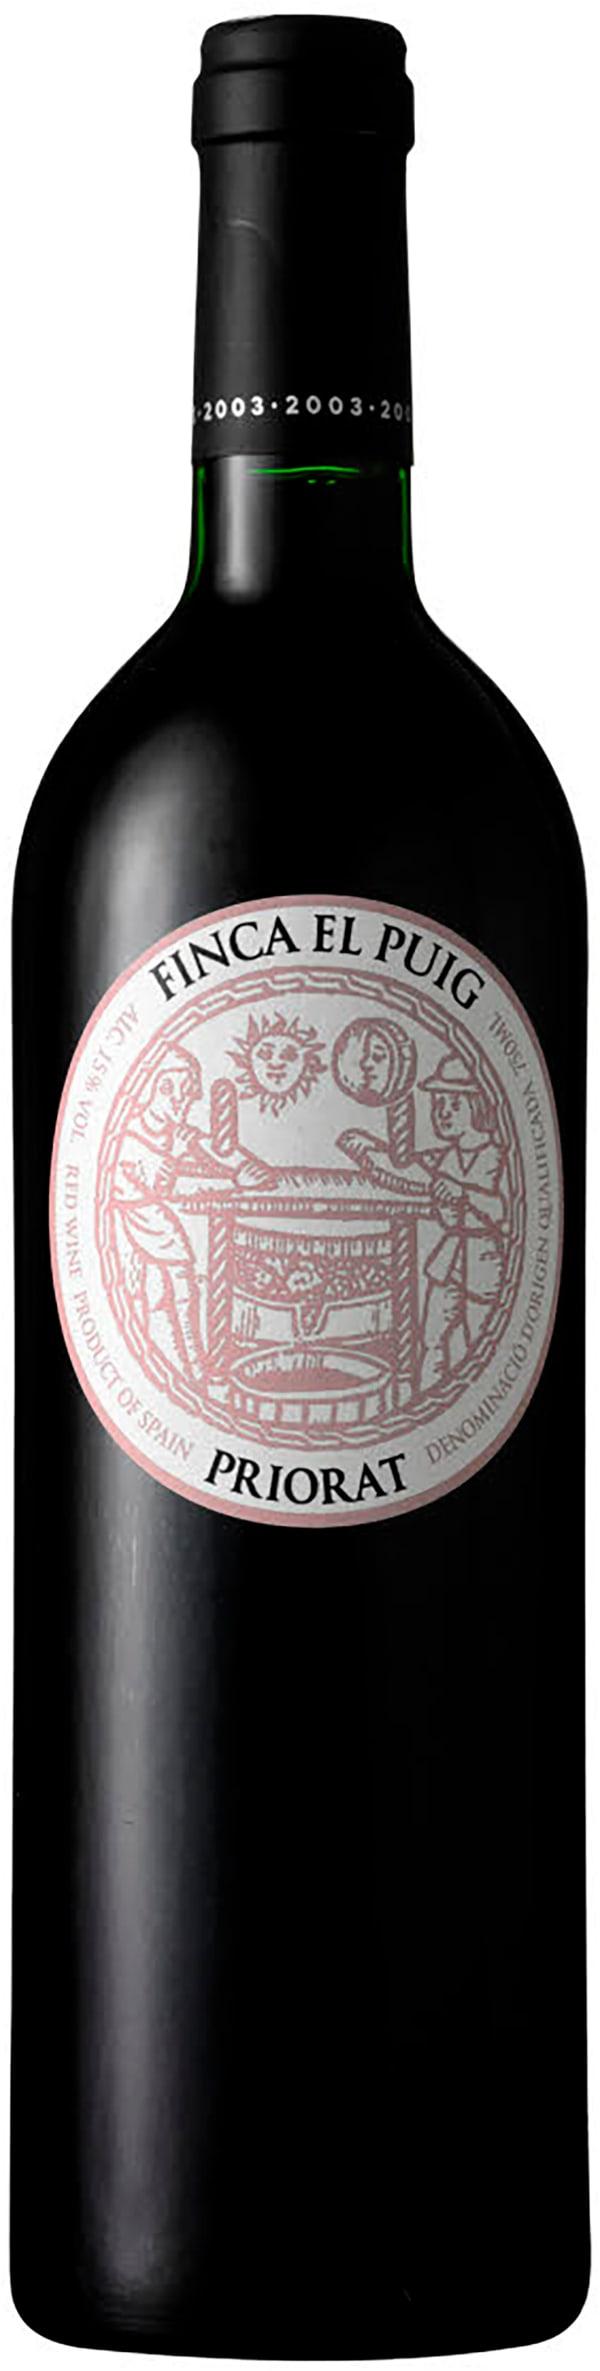 Gran Clos Del Priorat Finca El Puig 2012